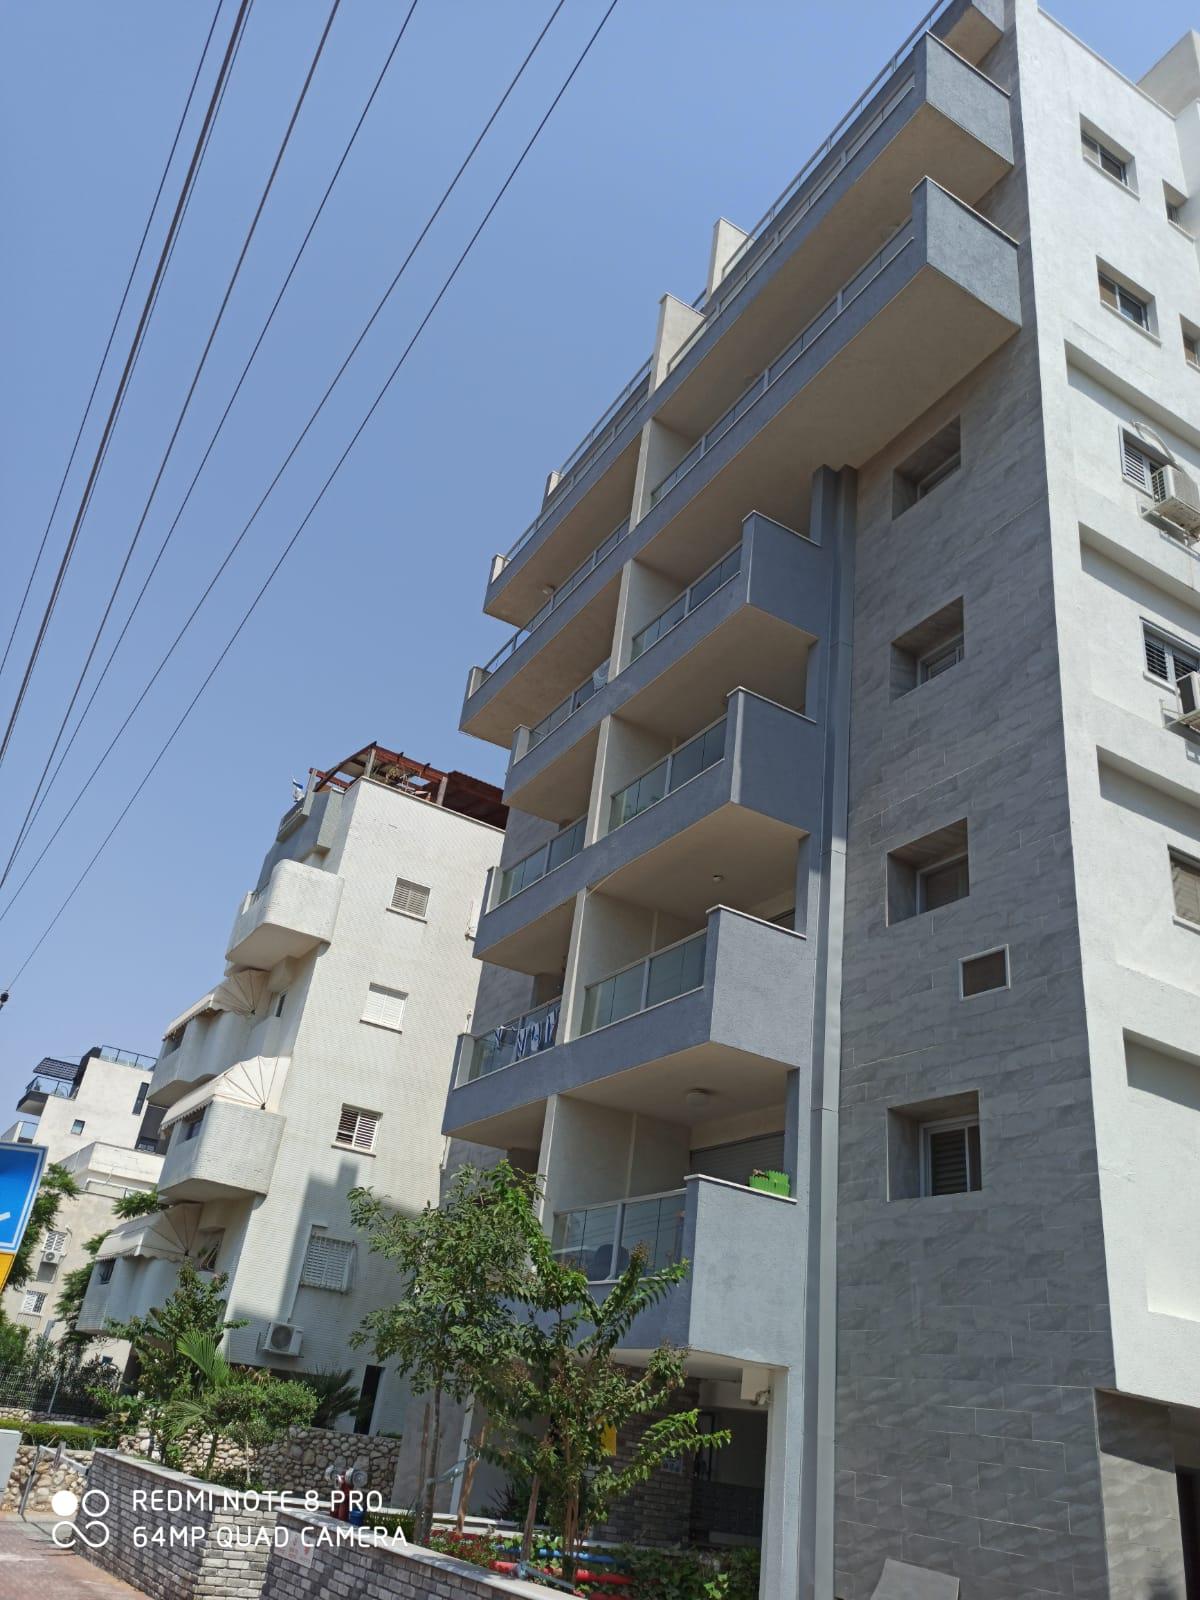 אביאל דירה למכירה 3 חדרים 1,650,000₪, אביאל